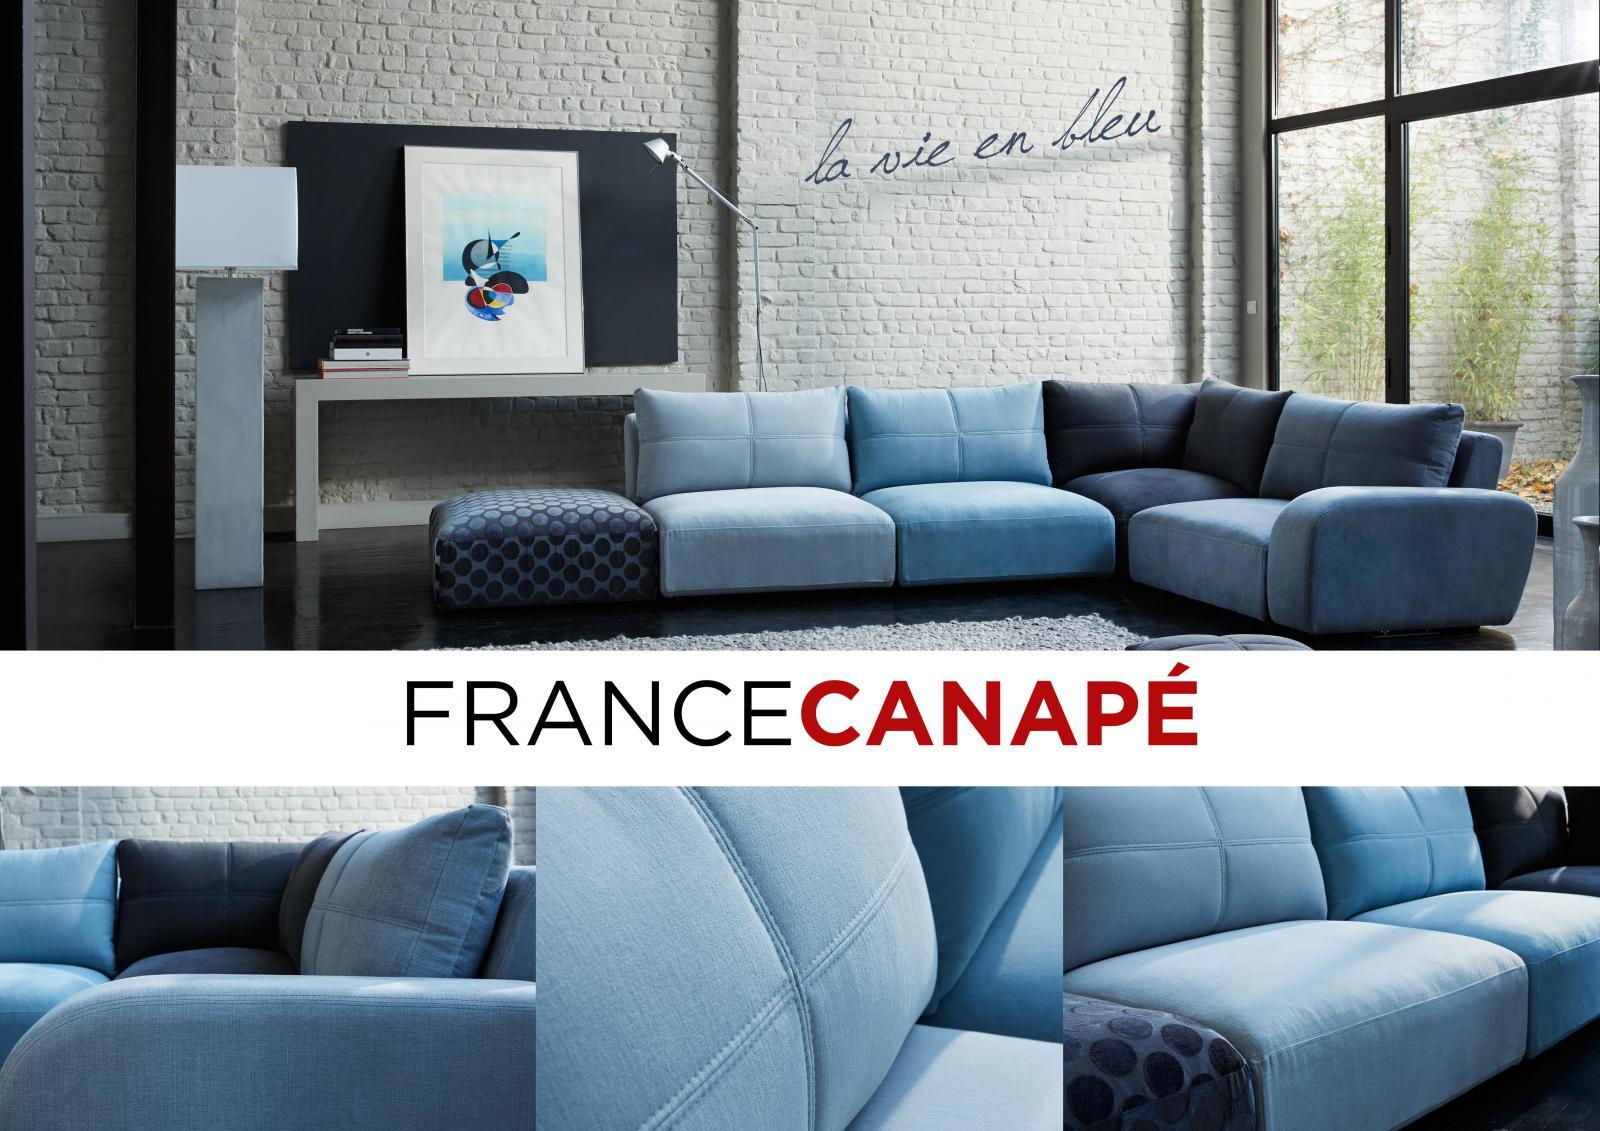 France canapé